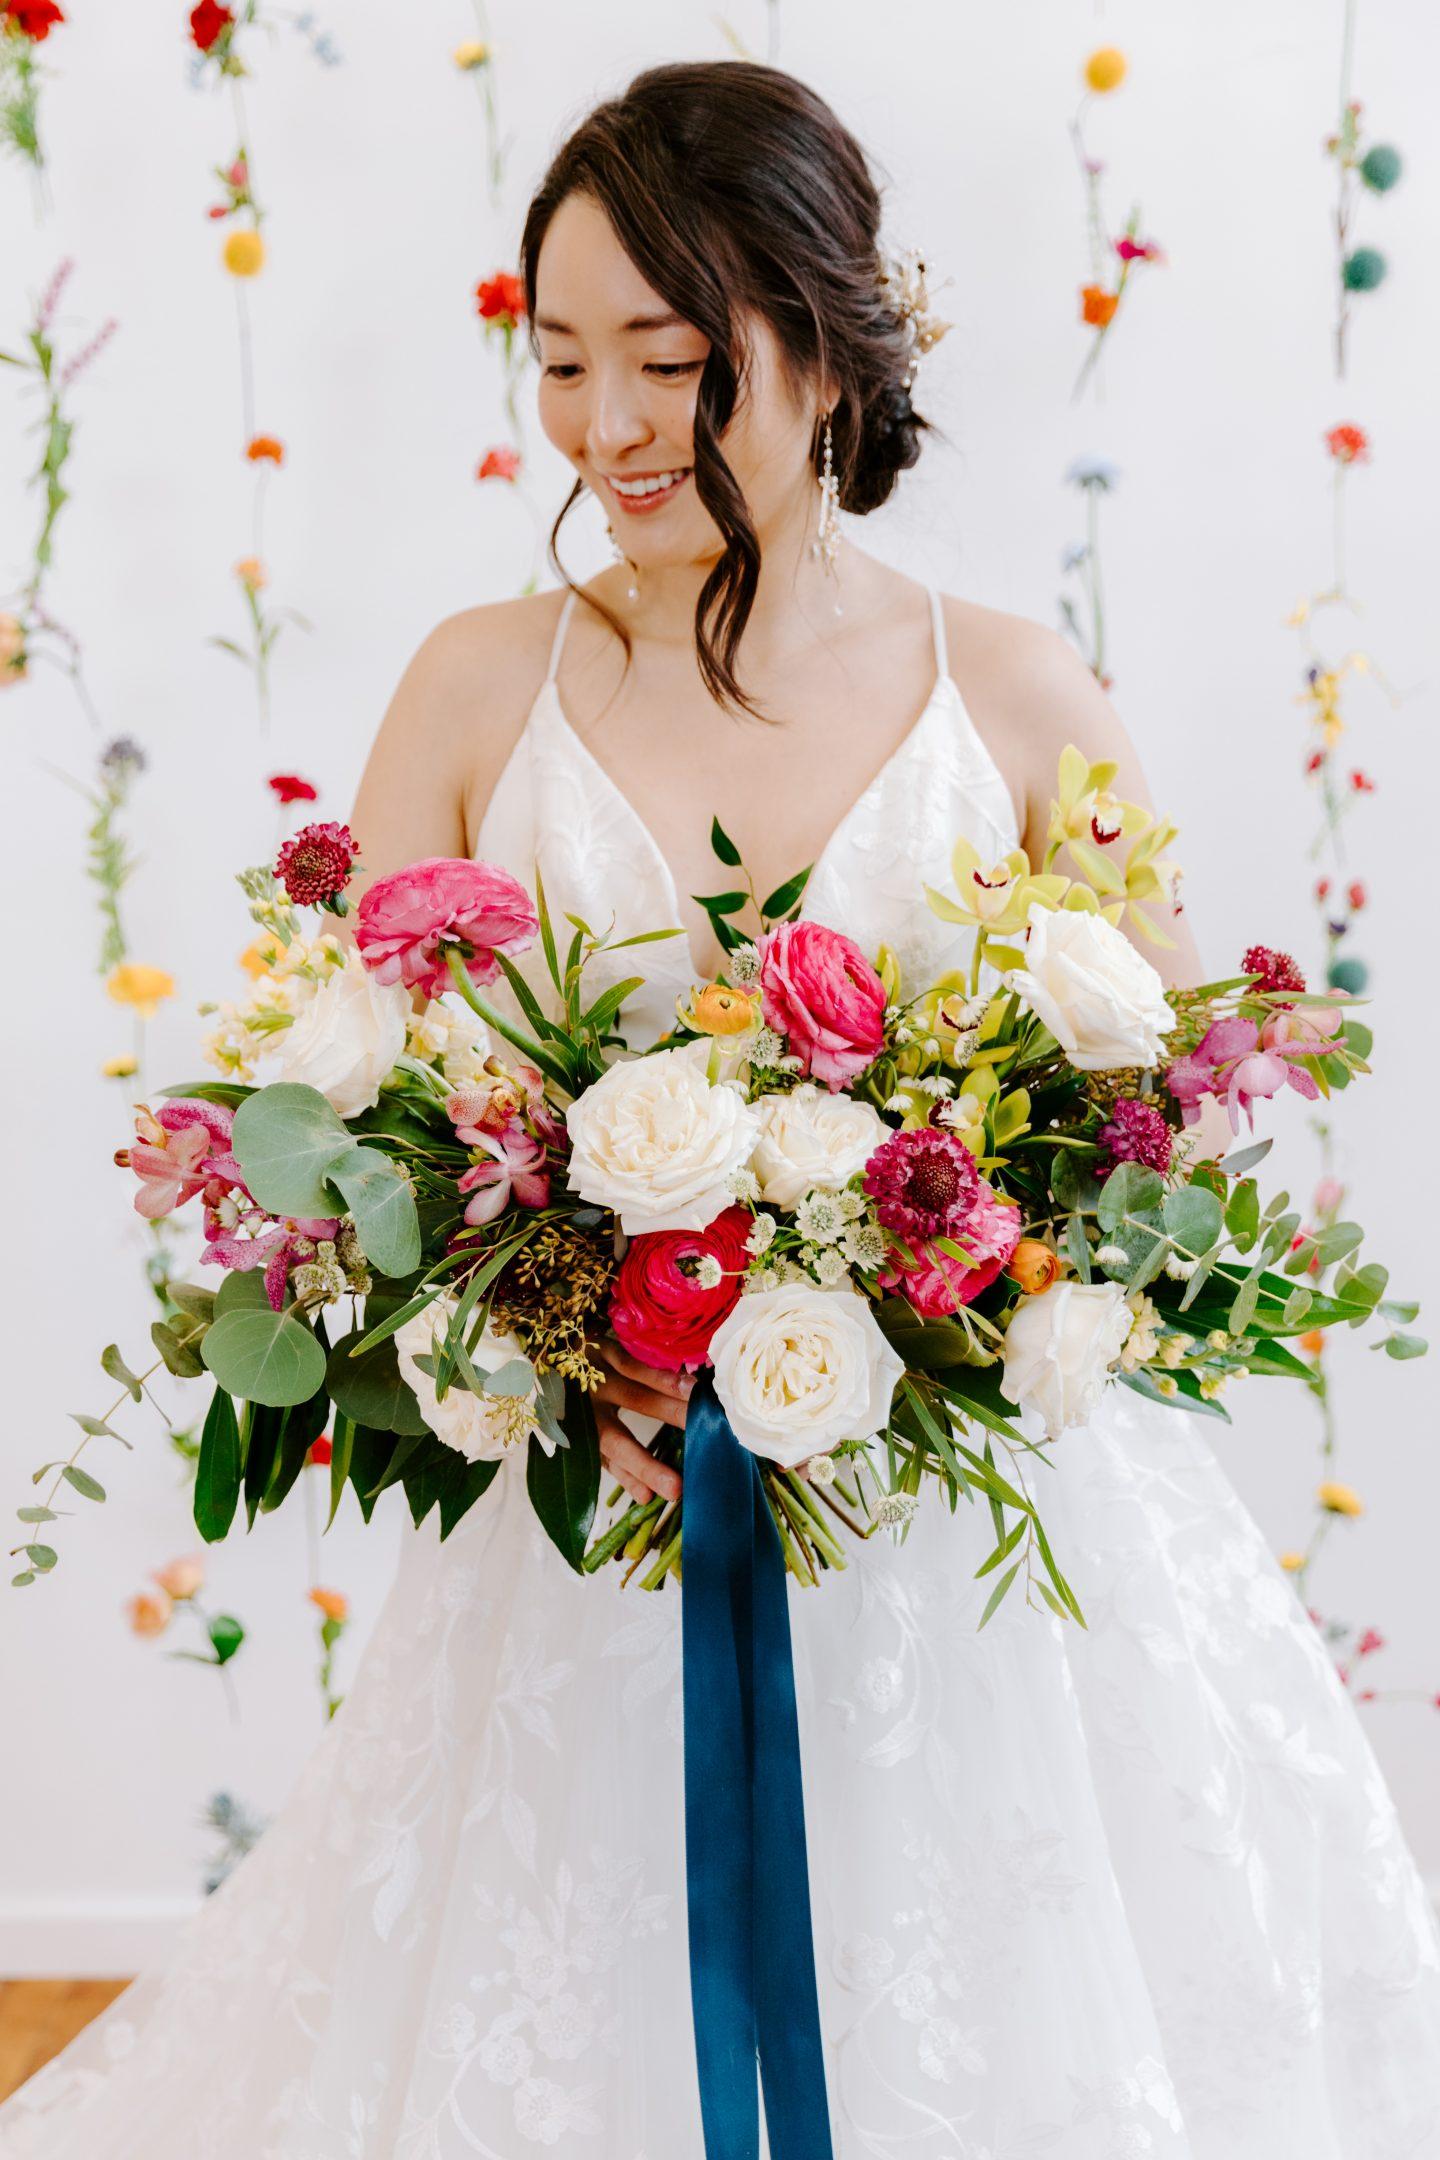 big wedding gown